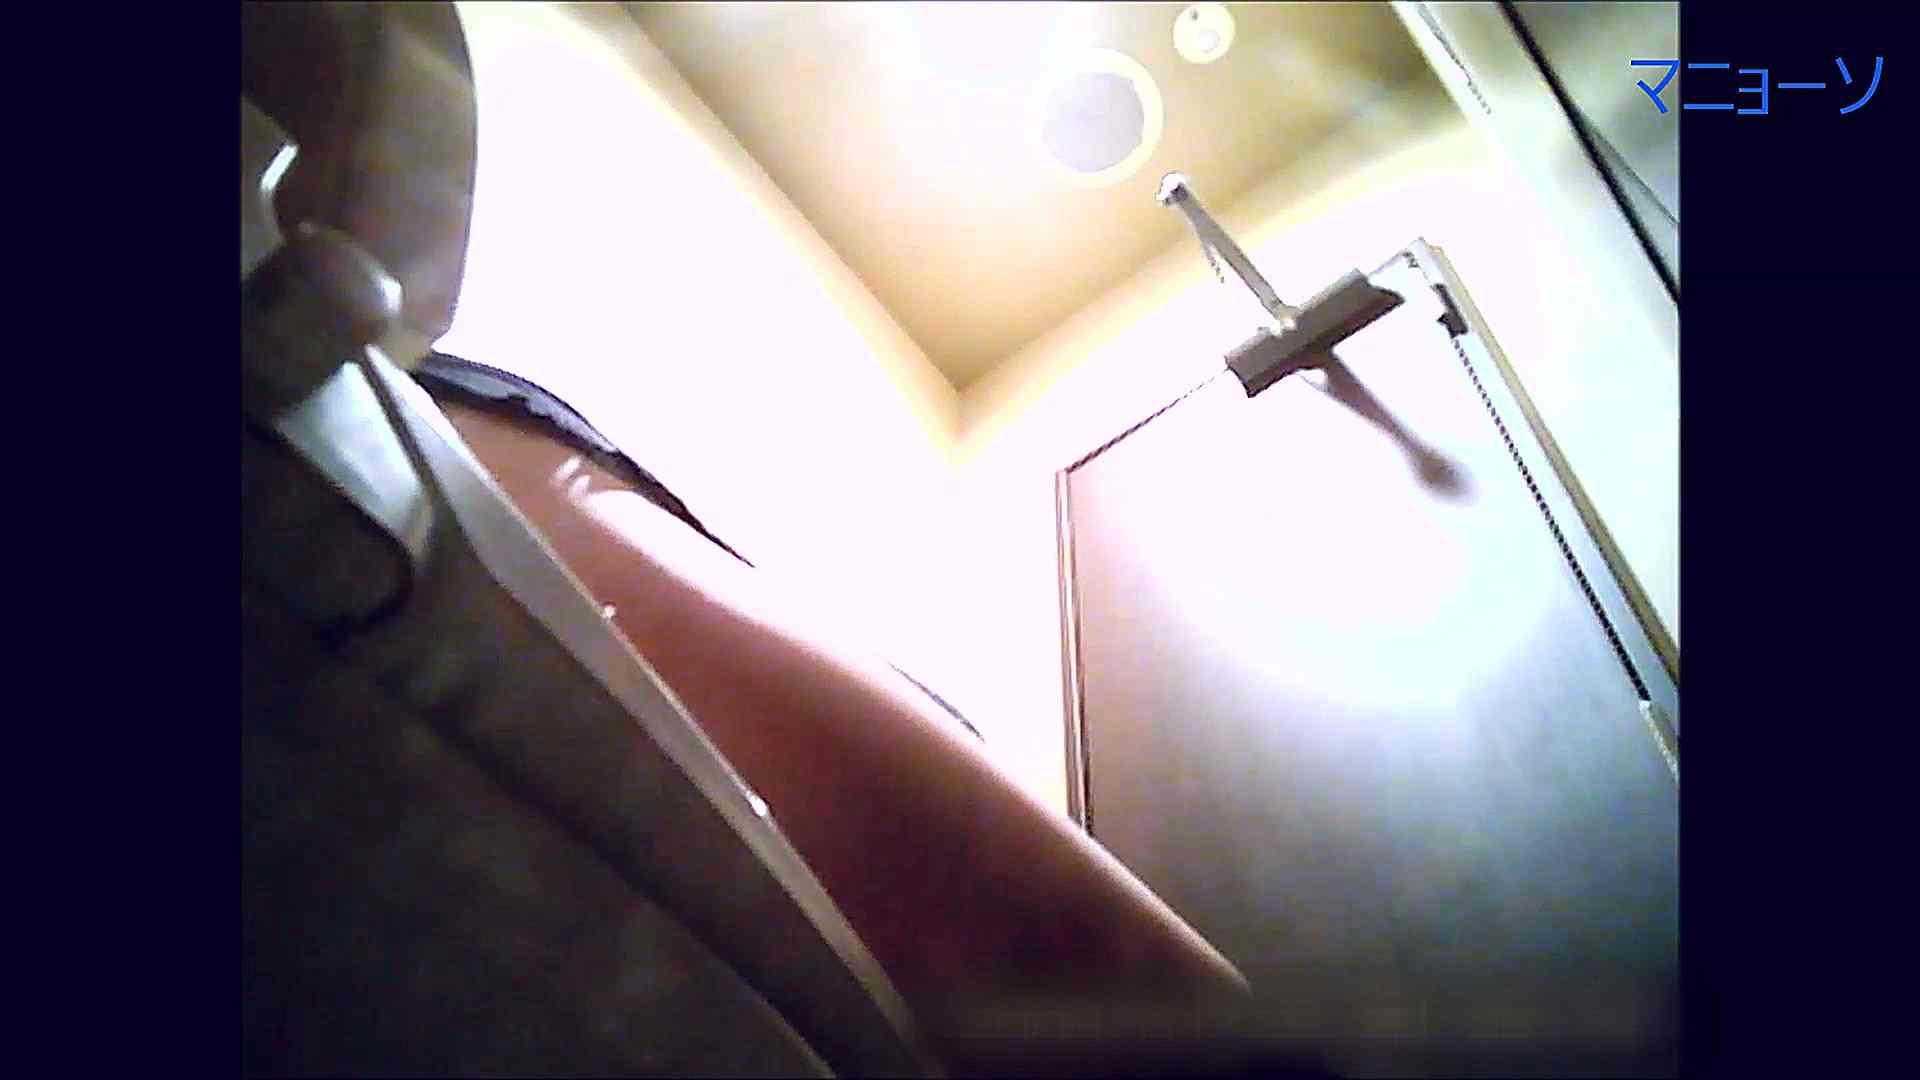 トイレでひと肌脱いでもらいました (OL編)Vol.10 OL  87pic 35